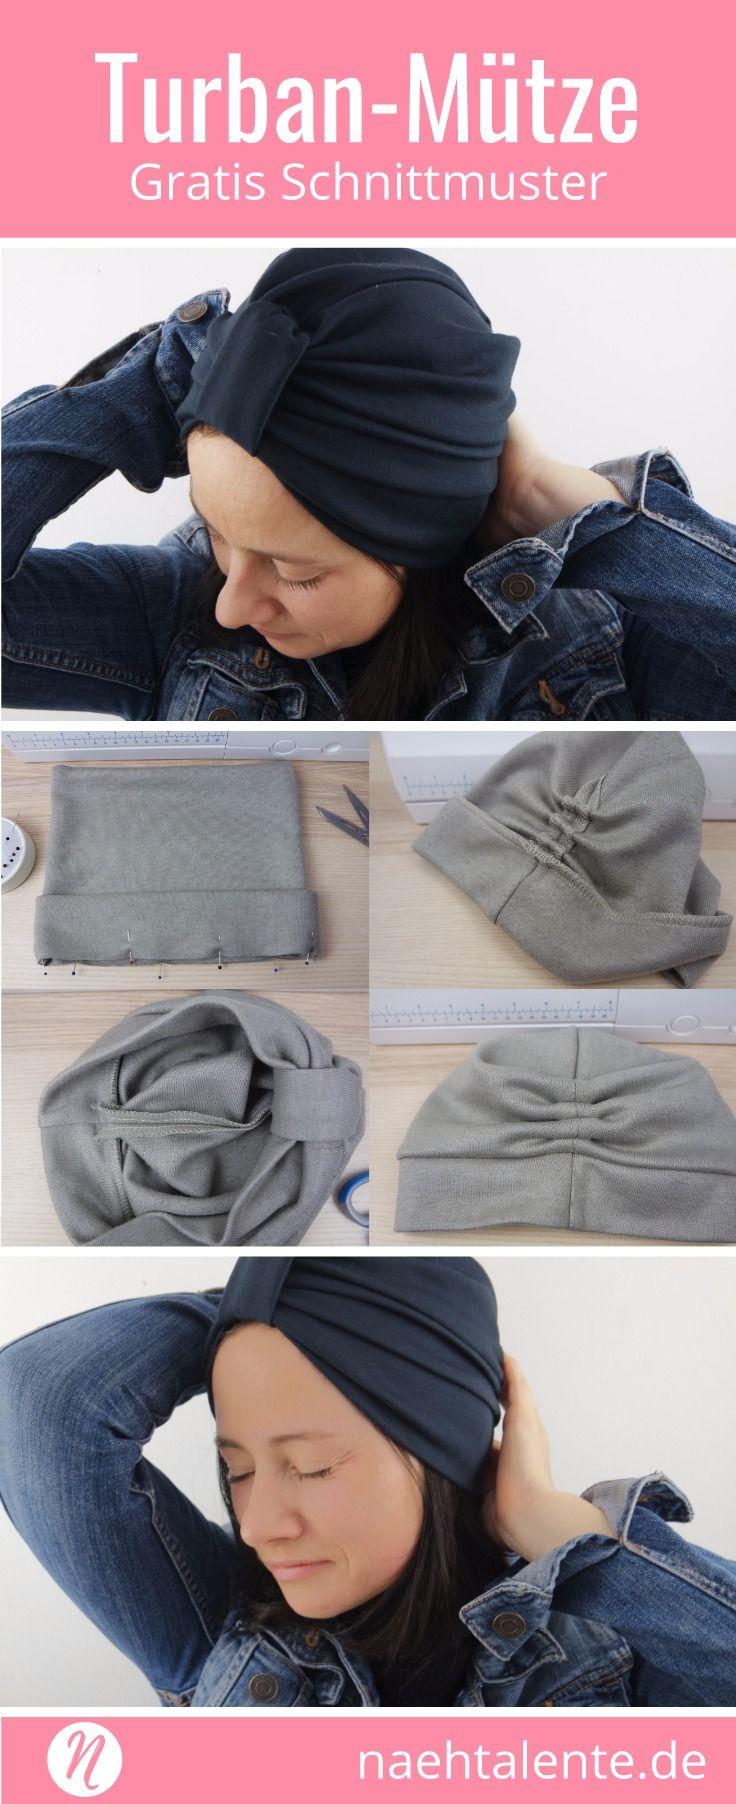 Turban-Mütze für Damen | Mütze, Nähanleitung und Omas